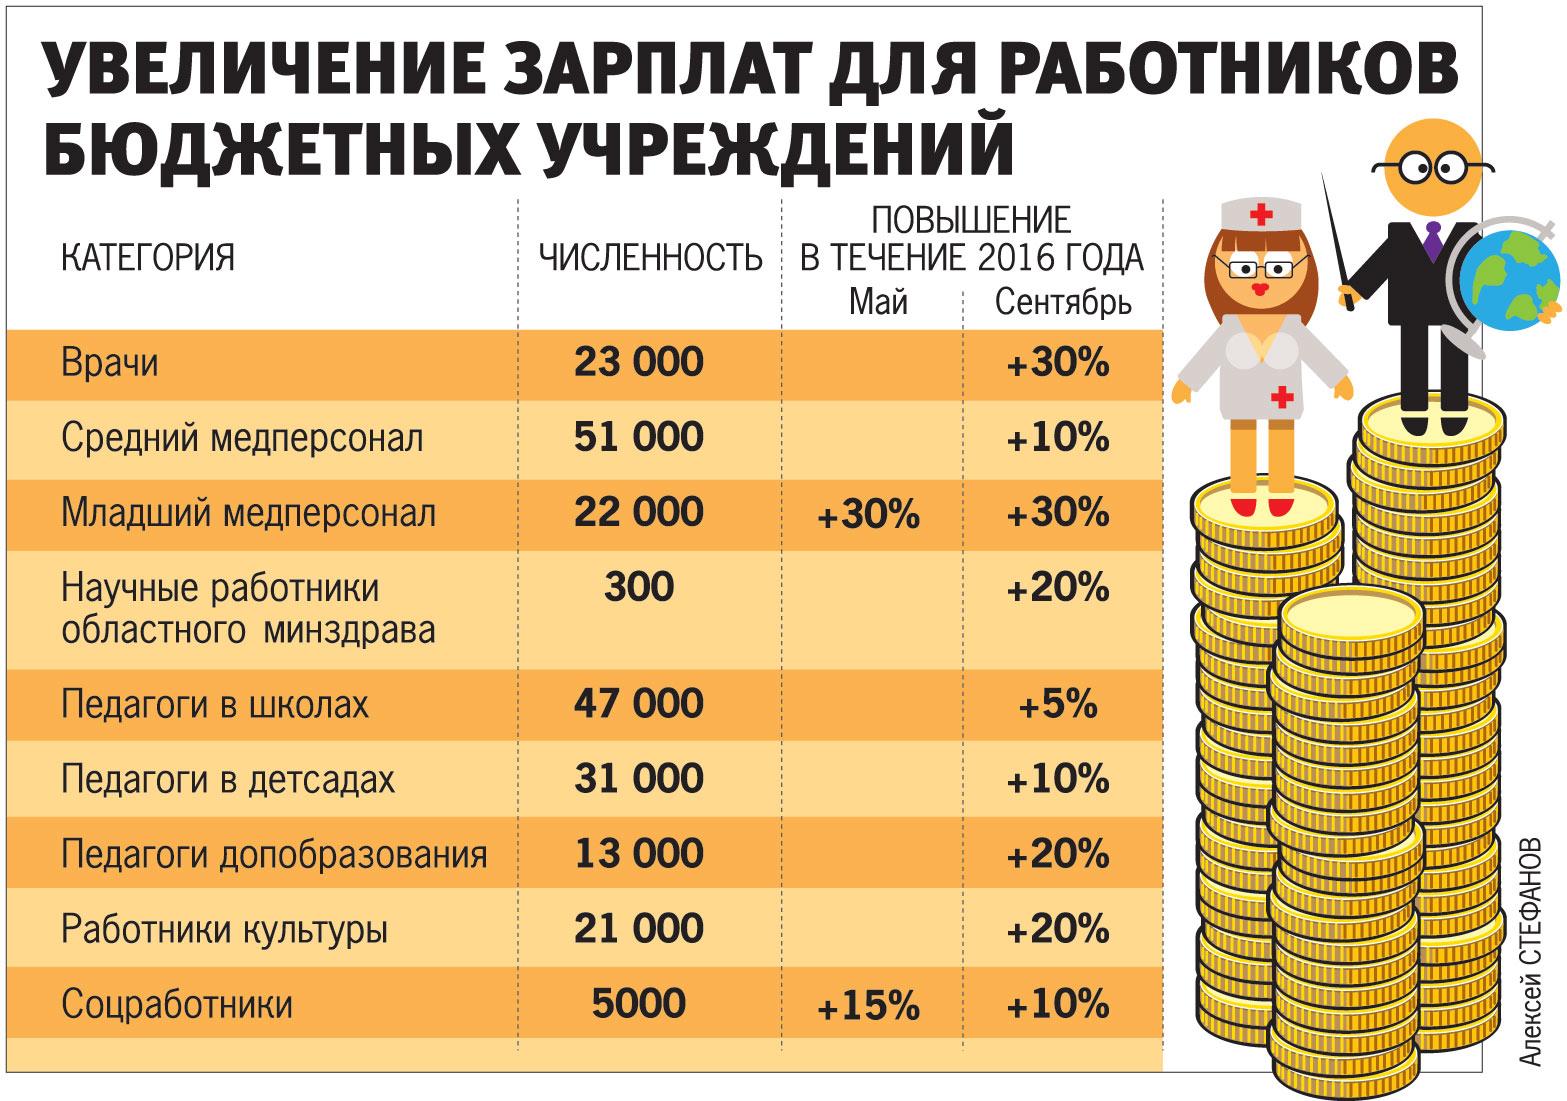 Увеличение зарплат для работников бюджетных учреждений.